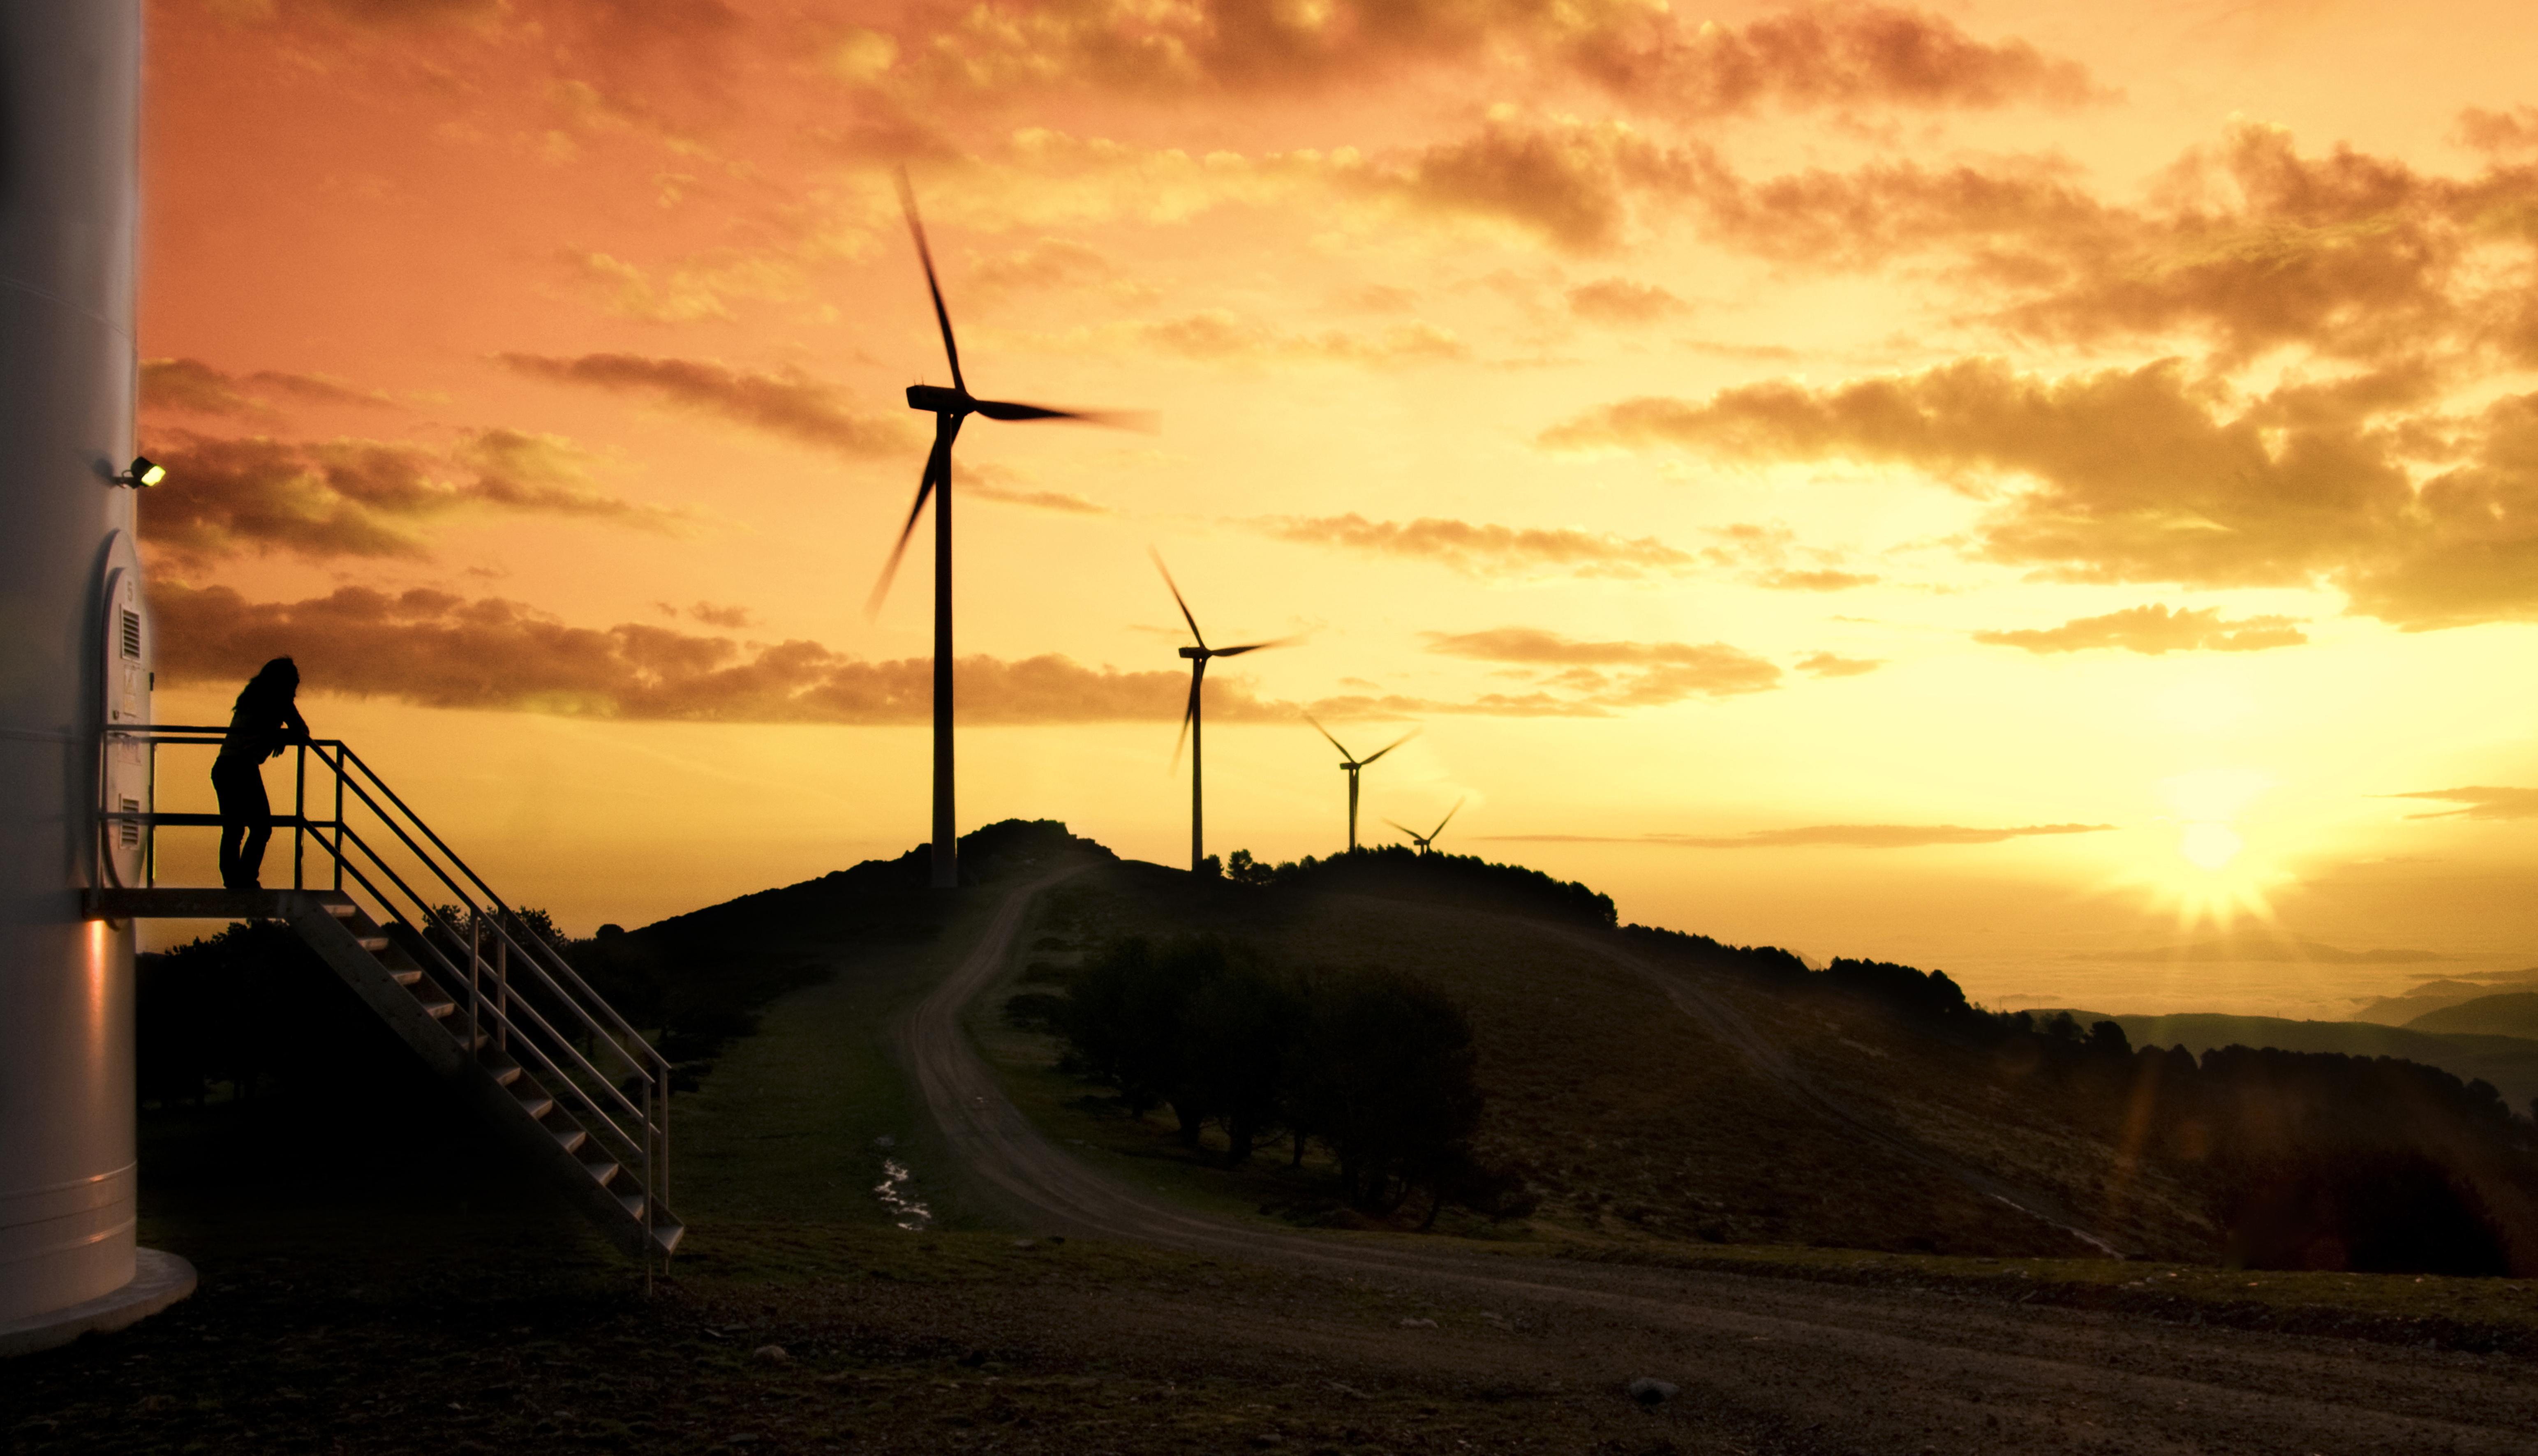 La eólica continúa dando alegrías a los consumidores españoles en enero. Gracias a una elevada generación eólica de 6.200 GWh hasta el día 29, el precio medio mensual del mercado mayorista eléctrico se ha situado en 33,6 €/MWh, frente a los 63,64 €/MWh de diciembre, lo que supone una reducción del 47%. Esto ha generado un colchón de 25,9 millones de euros que podría blindar a los consumidores domésticos de subidas en su recibo en el segundo trimestre. Aunque cuando sopla el viento con fuerza esto no se refleja directamente en la factura de la luz de los consumidores domésticos, estos si se benefician indirectamente, ya que alrededor del 20% de la tarifa procede de los precios del mercado mayorista o pool, el que el Gobierno quiere reformar ahora tras el fiasco de la subasta CESUR de diciembre. Tras anular la subasta de diciembre, el Gobierno fijó el precio del Producto Base (que se usa para fijar la antigua TUR y el actual Precio para Pequeños Consumidores) para el primer trimestre en 48,48 €/MWh, que hubiera supuesto un desembolso total de 84 millones de euros hasta ayer para comprar electricidad en el mercado. La generación eólica de los primeros 29 días de enero ha sido superior a lo previsto, con lo que ha evitado que entrasen en el mercado tecnologías más caras, generando un ahorro de 25,9 millones de euros en ese desembolso esperado. Si en los meses de febrero y marzo soplase menos viento o se produjesen otras circunstancias que hiciesen subir el precio del pool, los pequeños consumidores españoles contaríamos con ese colchón de 25,9 millones que nos evitaría subidas de la luz en el segundo trimestre. Es decir que, una vez más, la eólica, la primera fuente de electricidad de los españoles en 2013, actuará como seguro contra las posibles subidas de precios. El informe de la OCDE Inventory of Estimated Budgetary Support and Tax Expenditures for Fossil Fuels analiza los subsidios que los países que forman parte del organismo dan a sus principales tecnologías de g